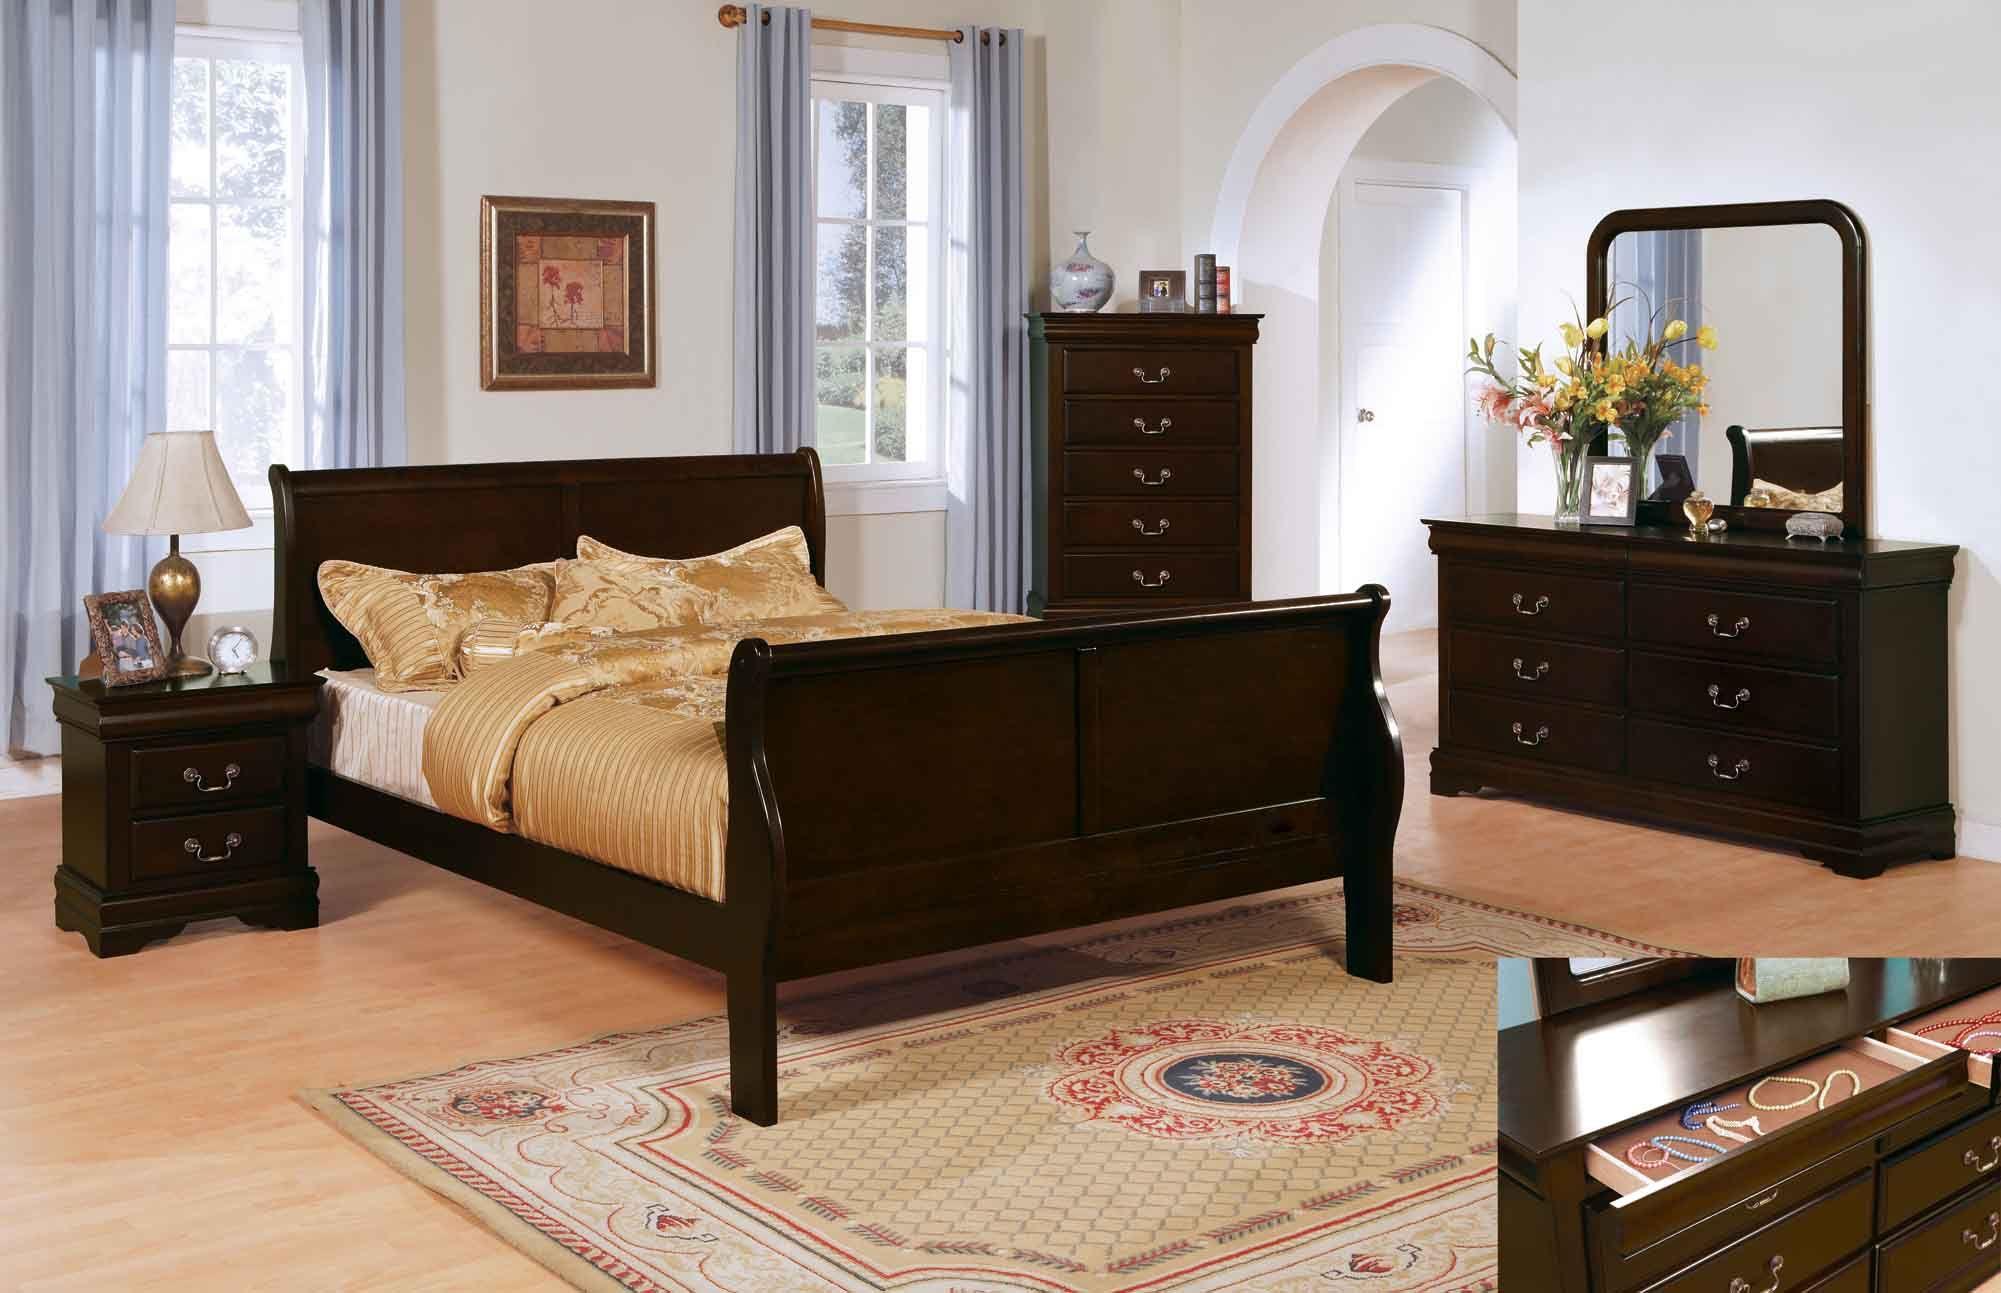 Master bedroom furniture sets  Big master bedroom wCalifornia King bedroom seteferrable a